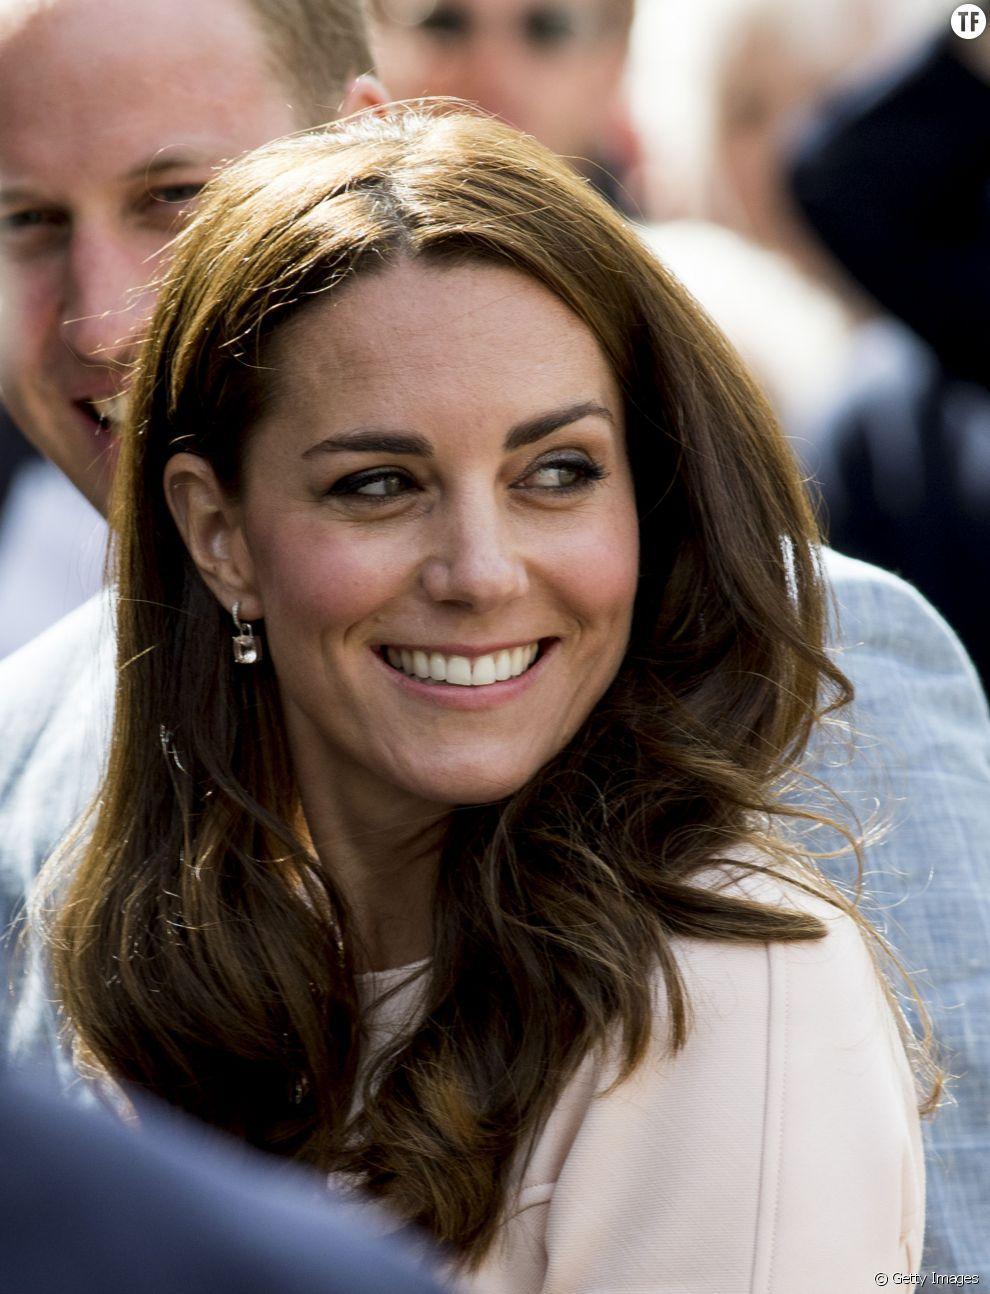 Le nez de Kate Middleton